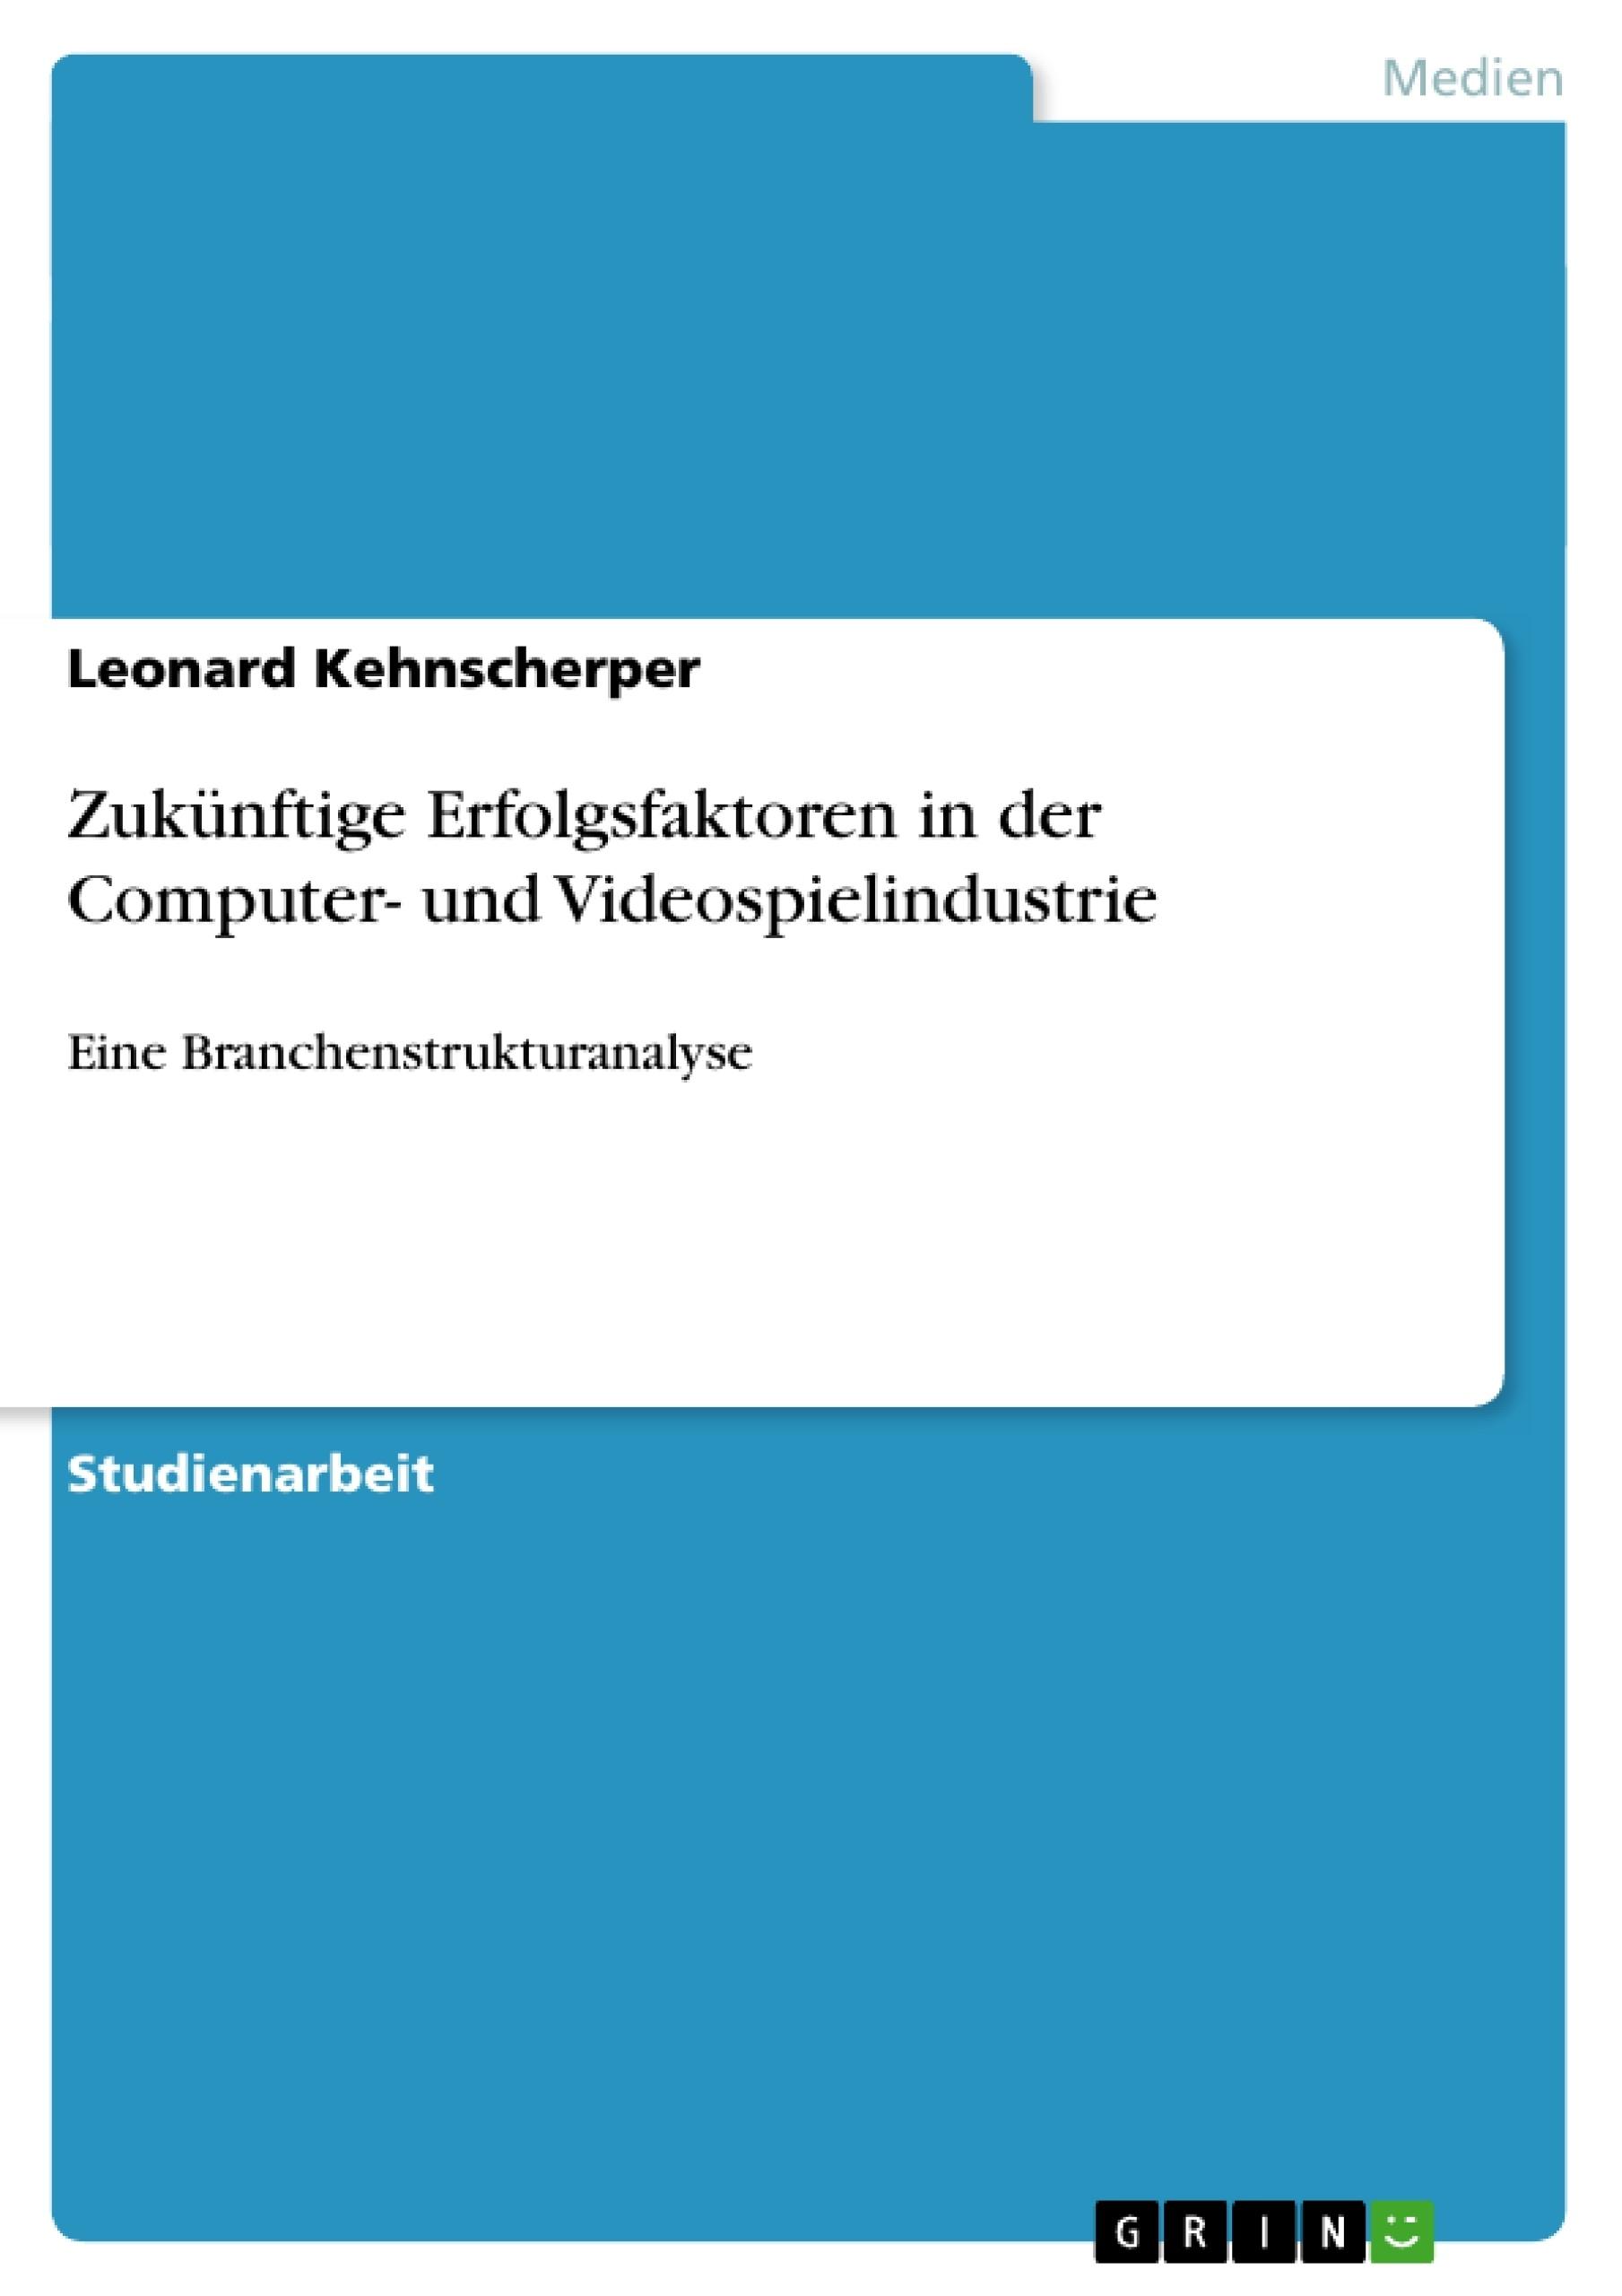 Titel: Zukünftige Erfolgsfaktoren in der Computer- und Videospielindustrie